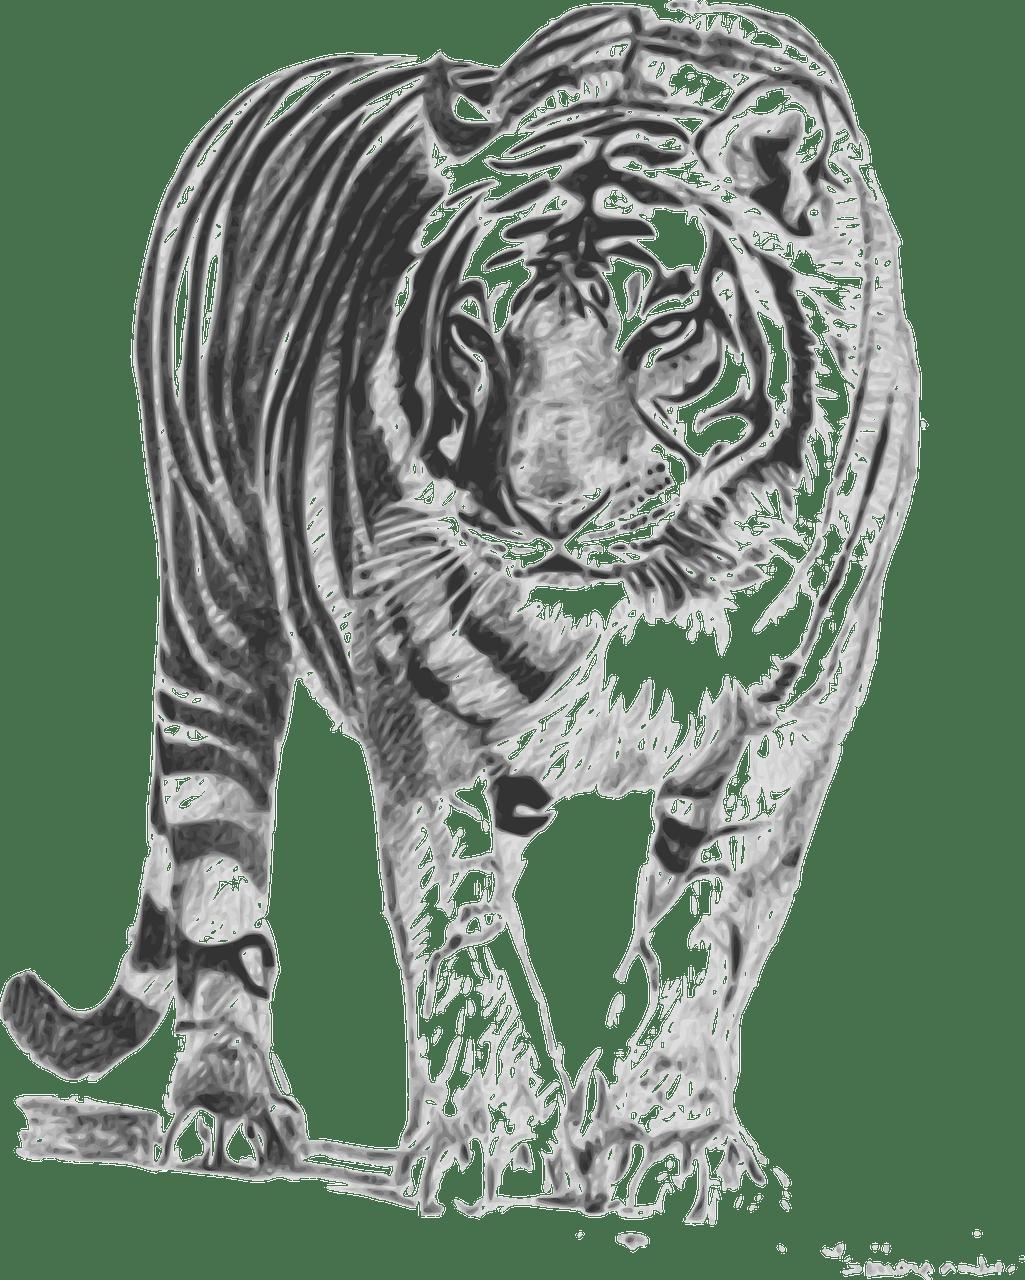 Clipart tiger sumatran tiger, Clipart tiger sumatran tiger